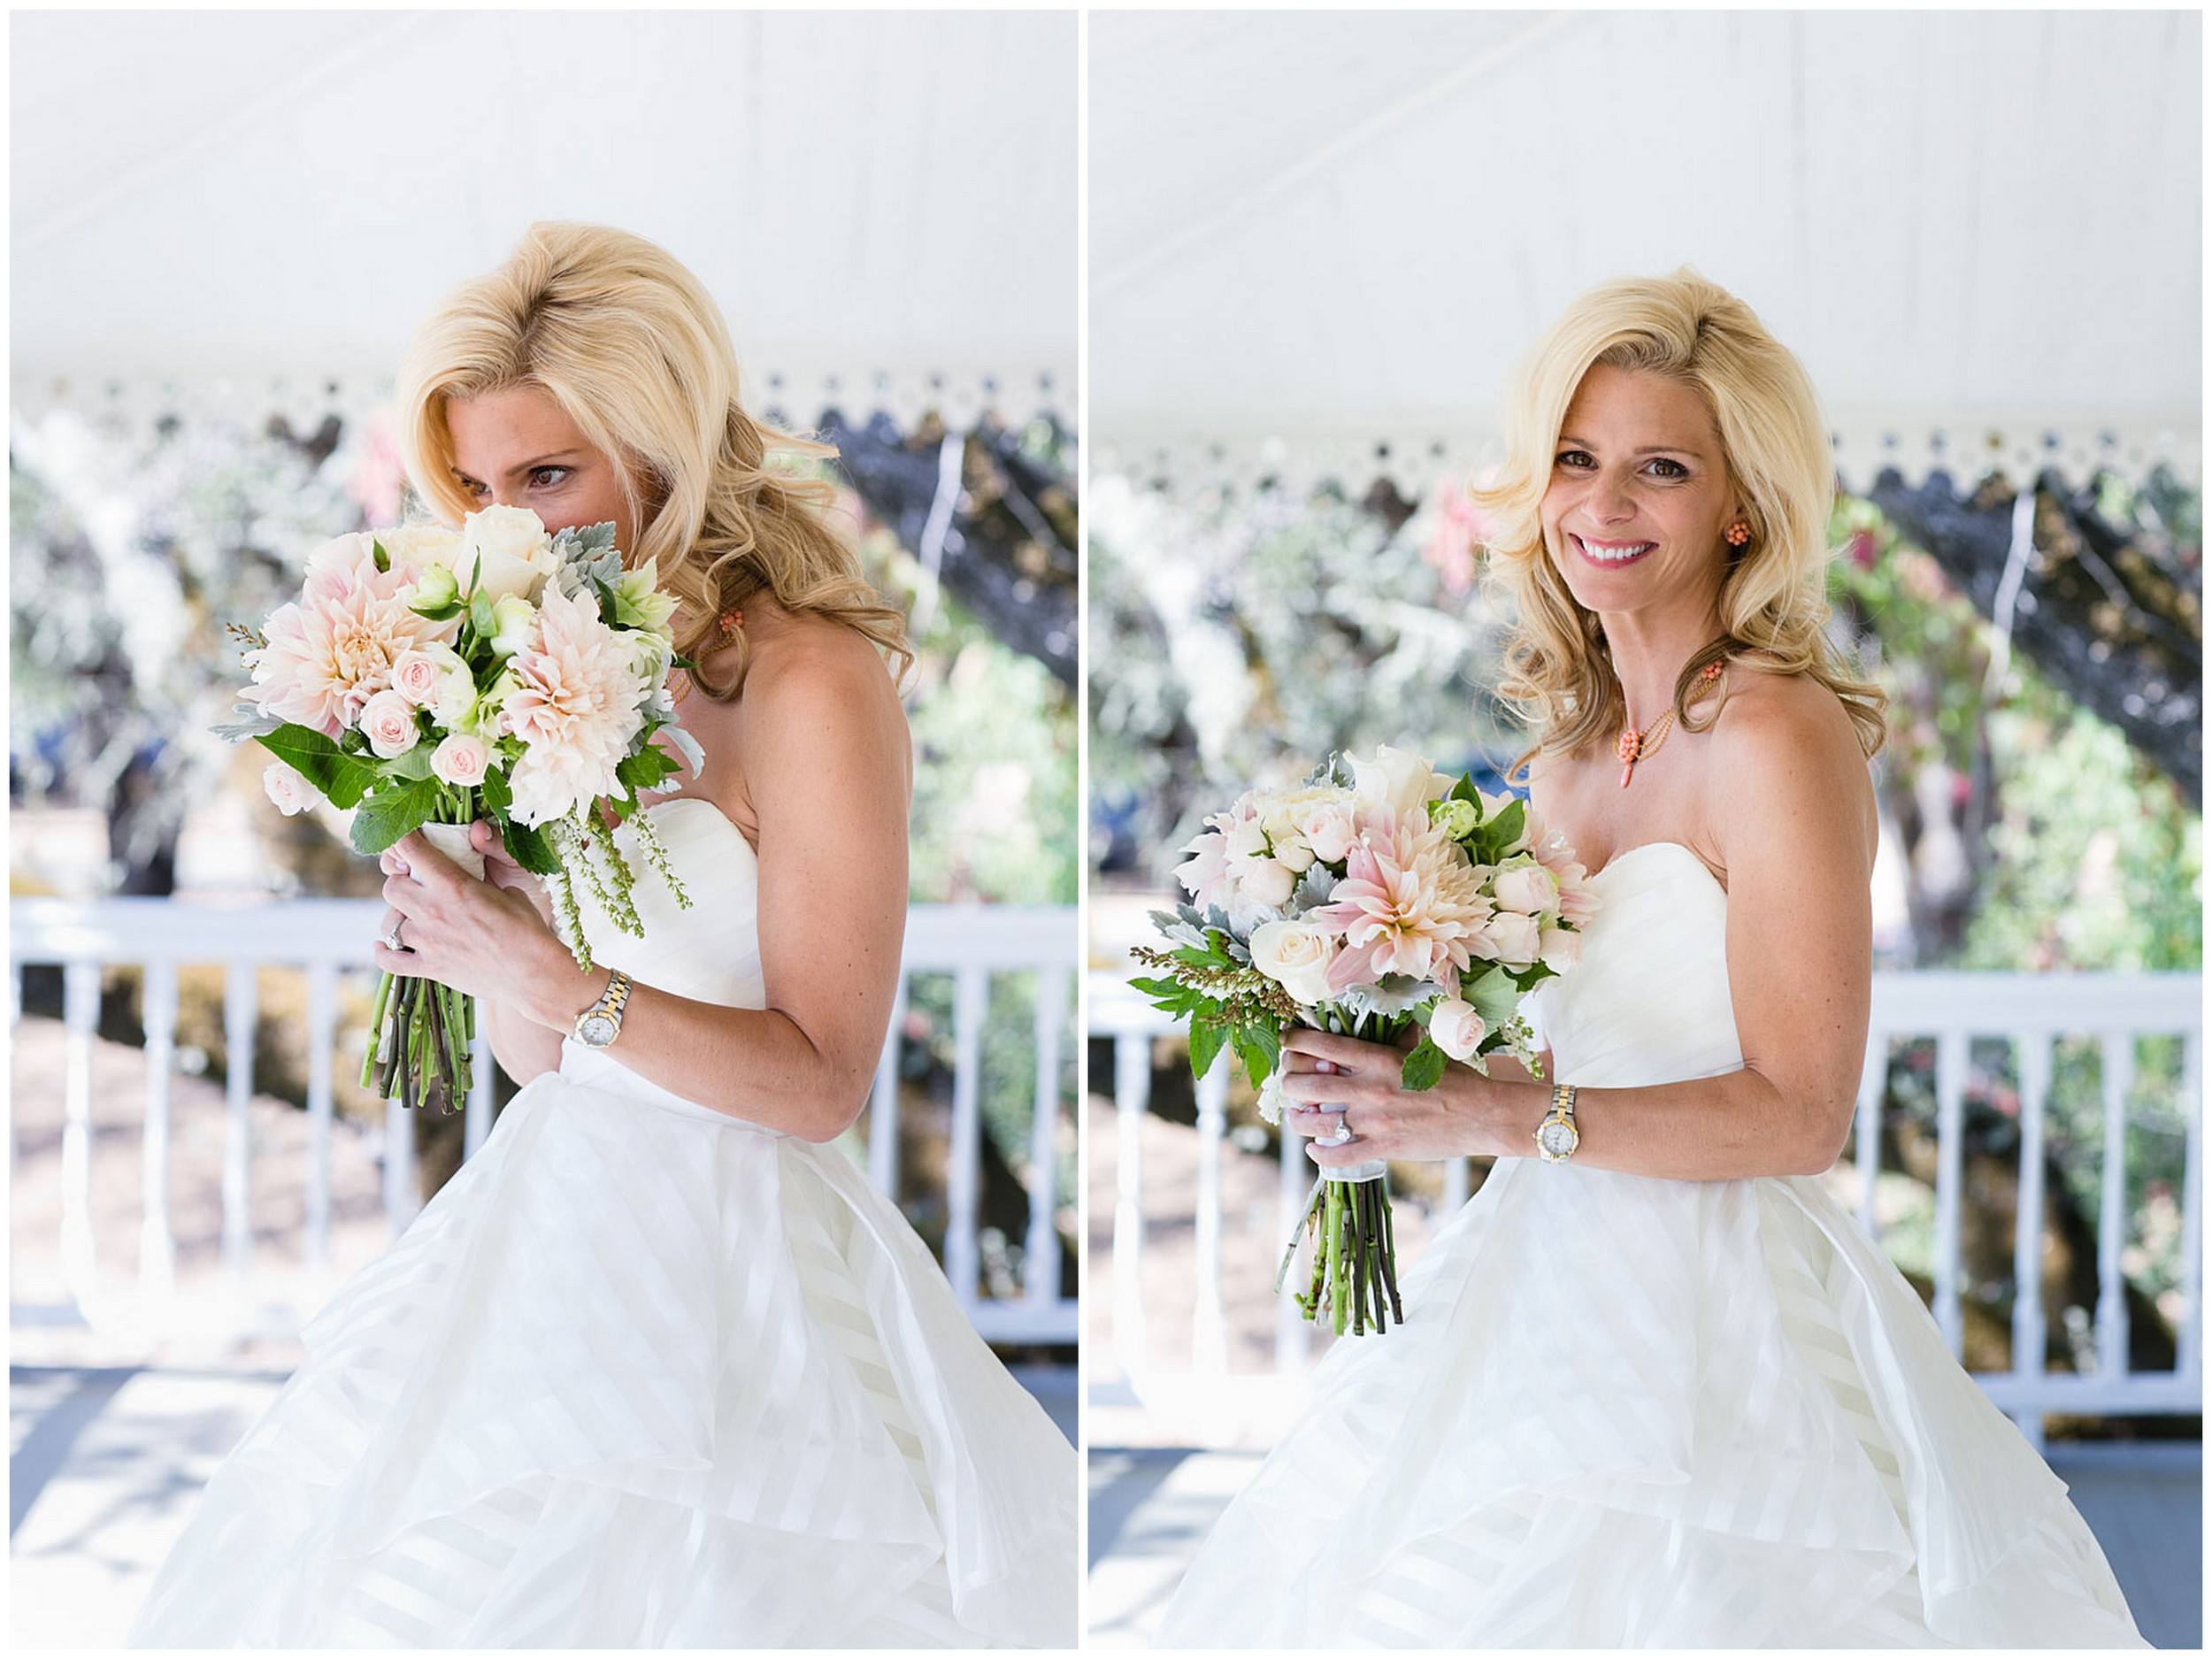 Dawn & Glenn Wedding6.jpg